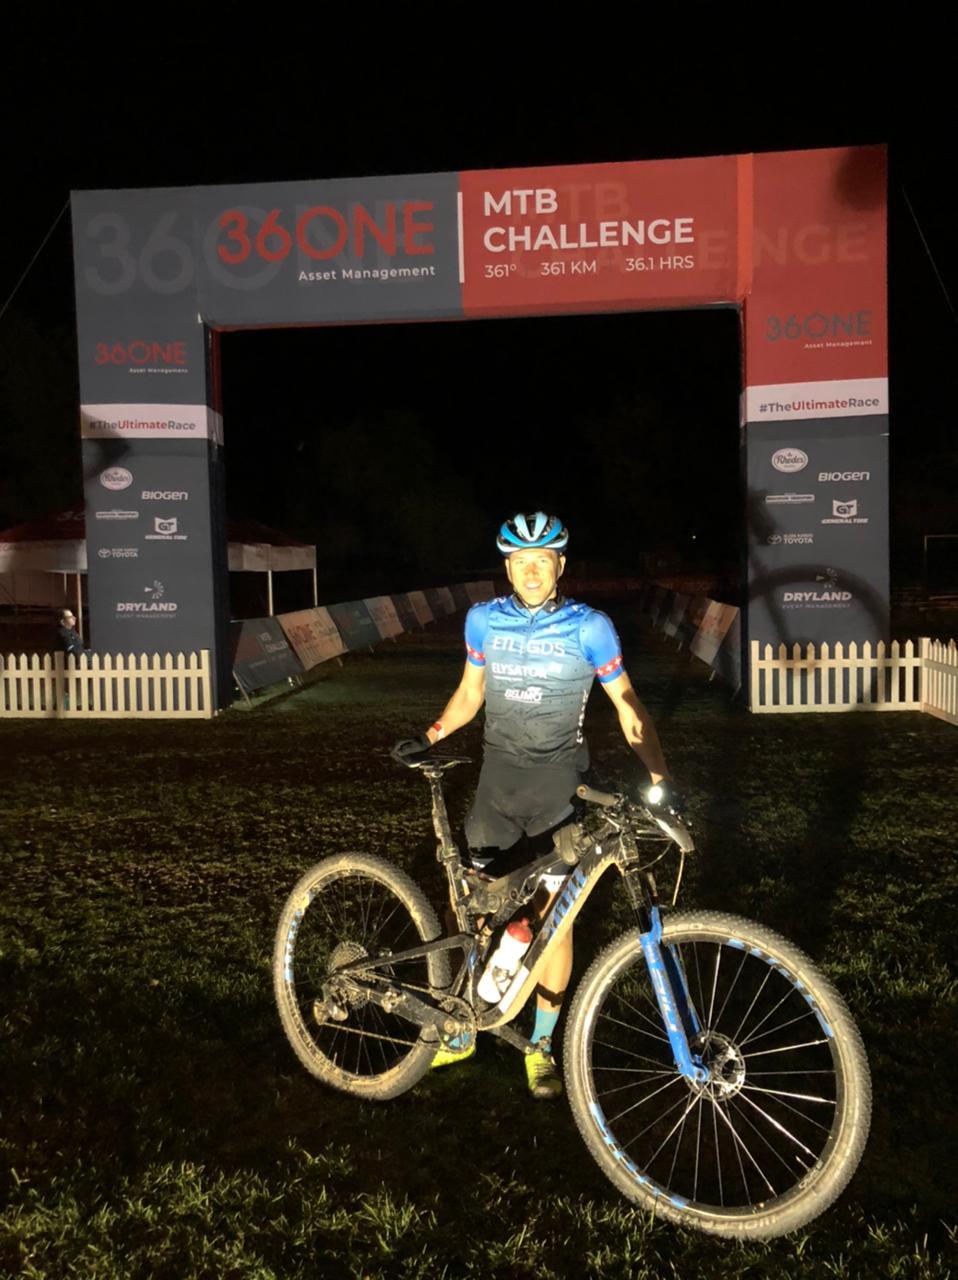 Sprintsieg bei der 36ONE Challenge!